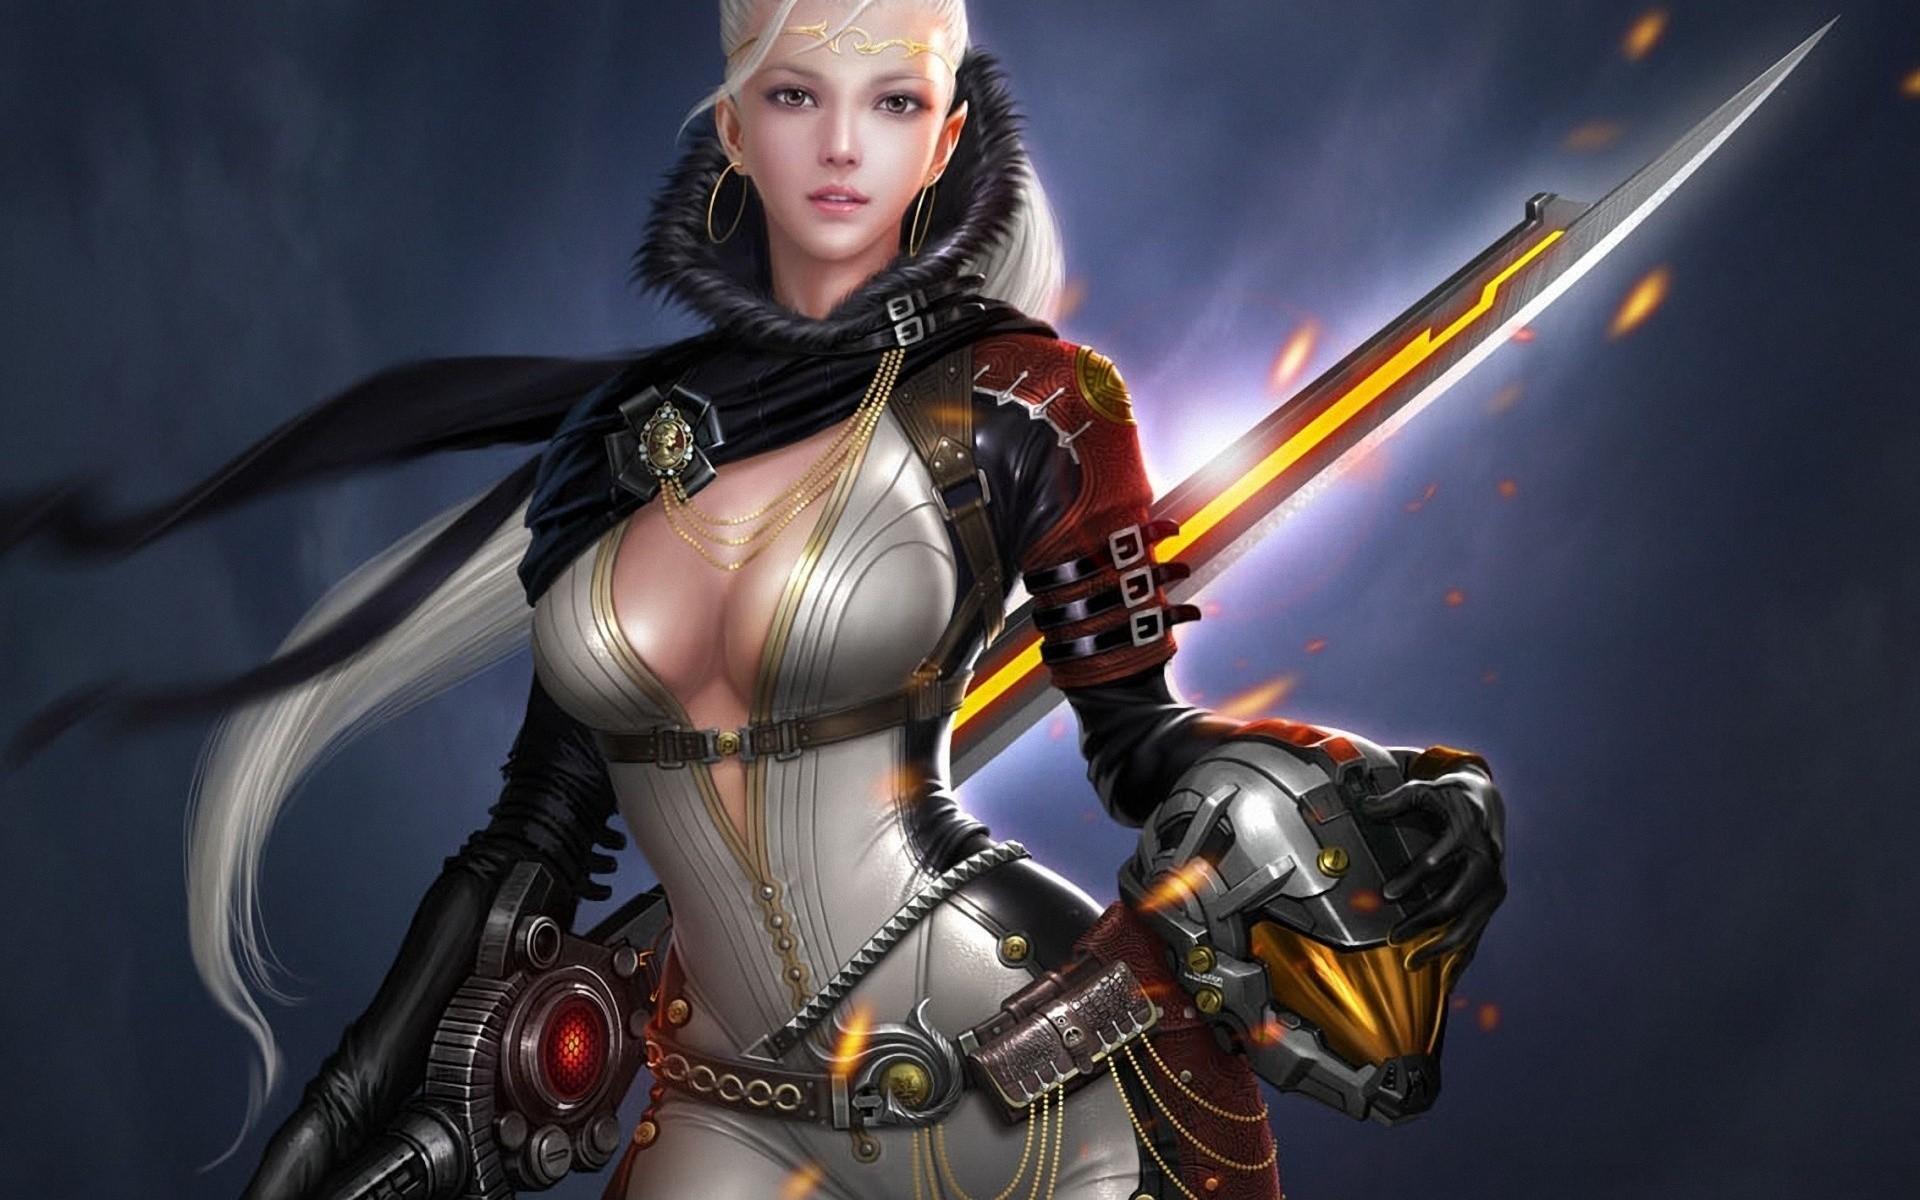 Warrior girls xxx image